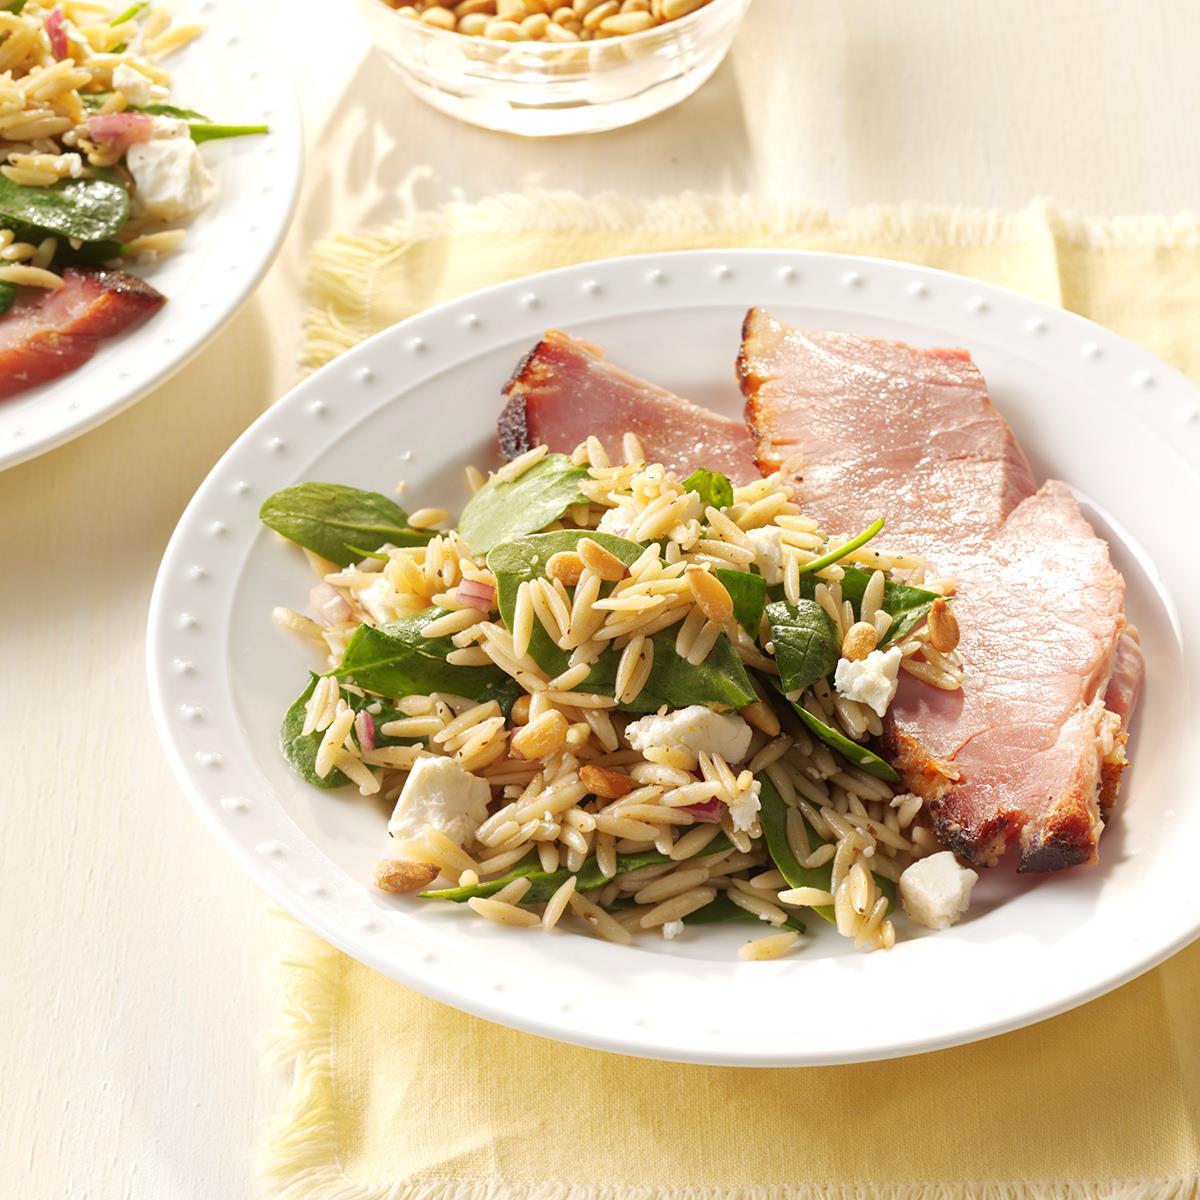 Mediterranean Pork And Orzo Recipe: Spinach Orzo Salad Recipe